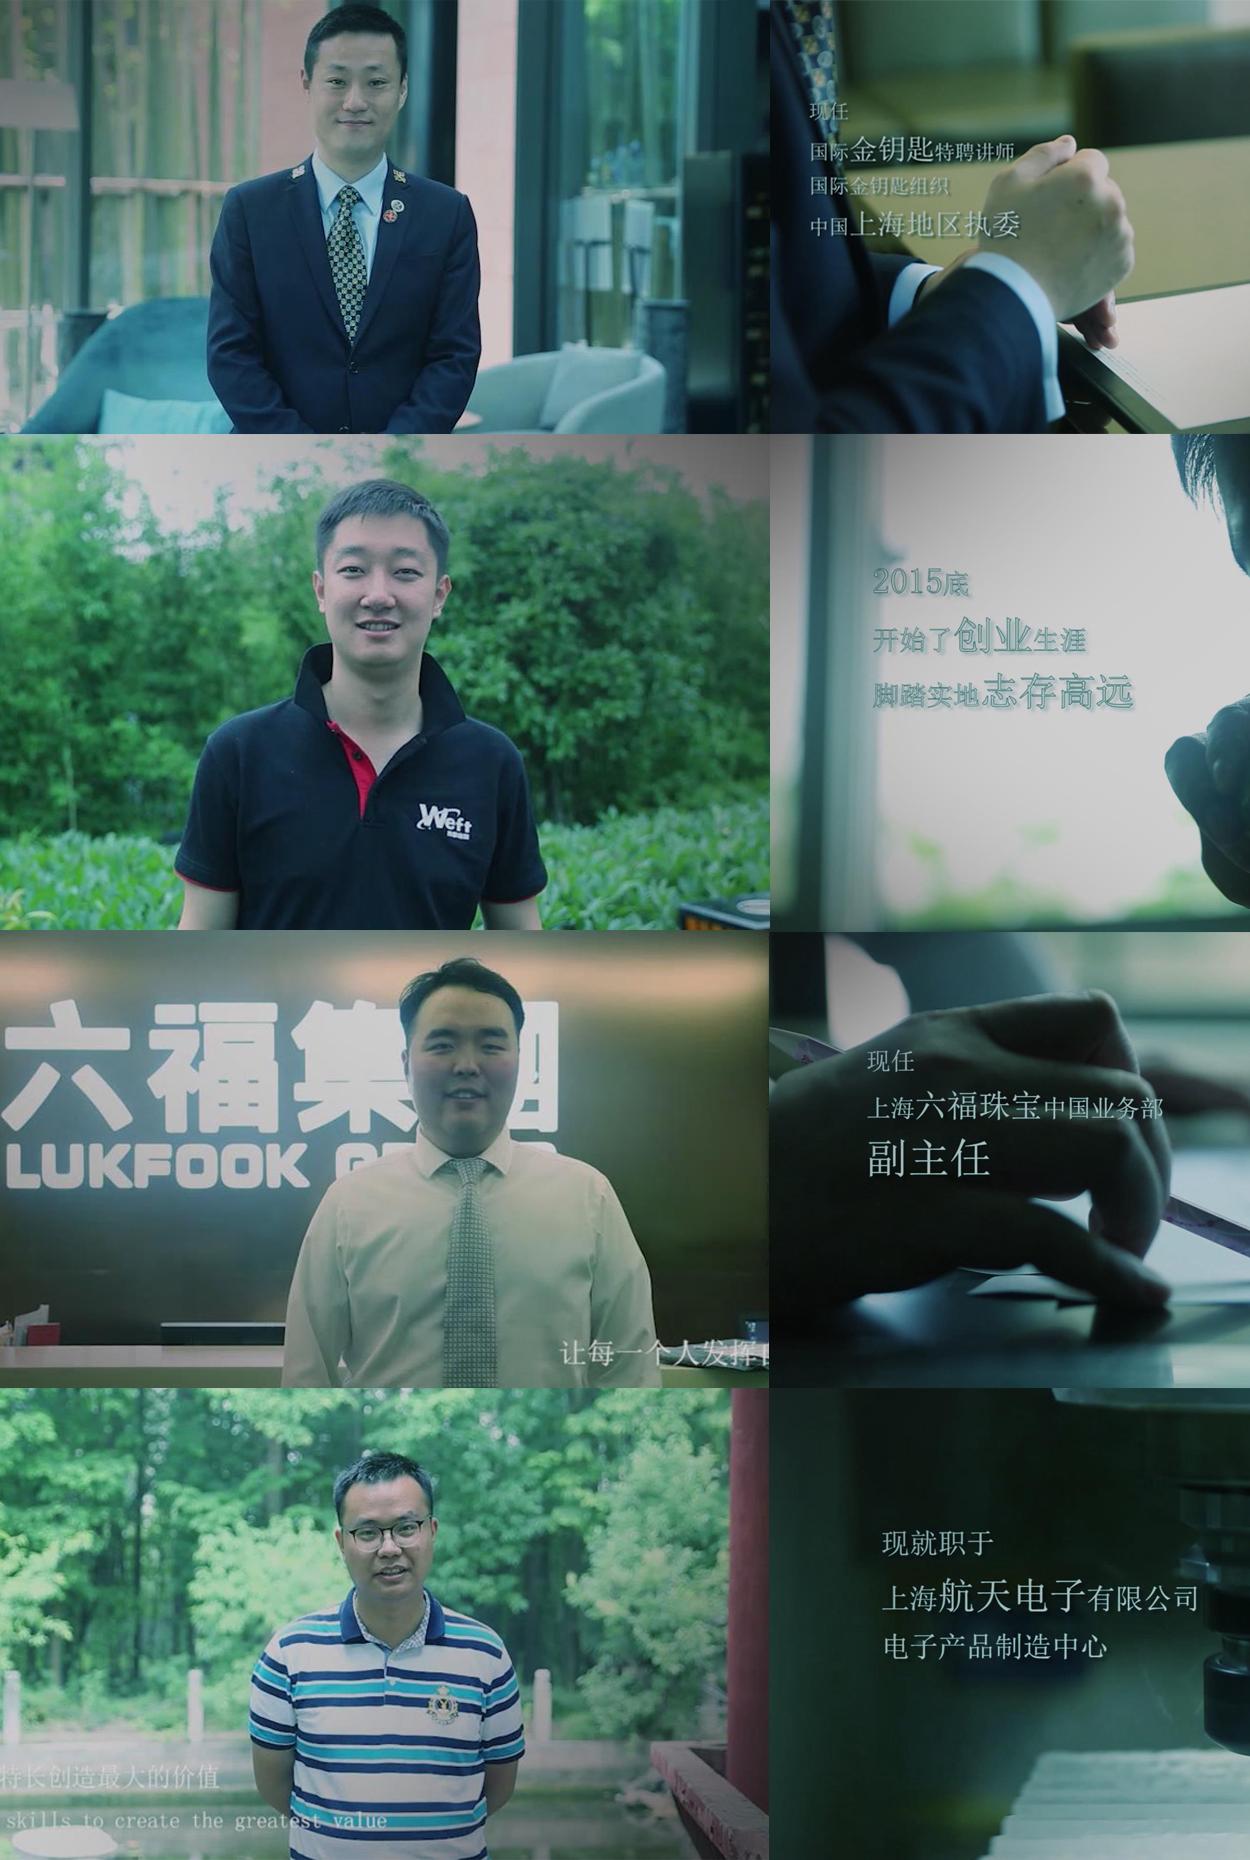 上海工商职业技术学院毕业生风采